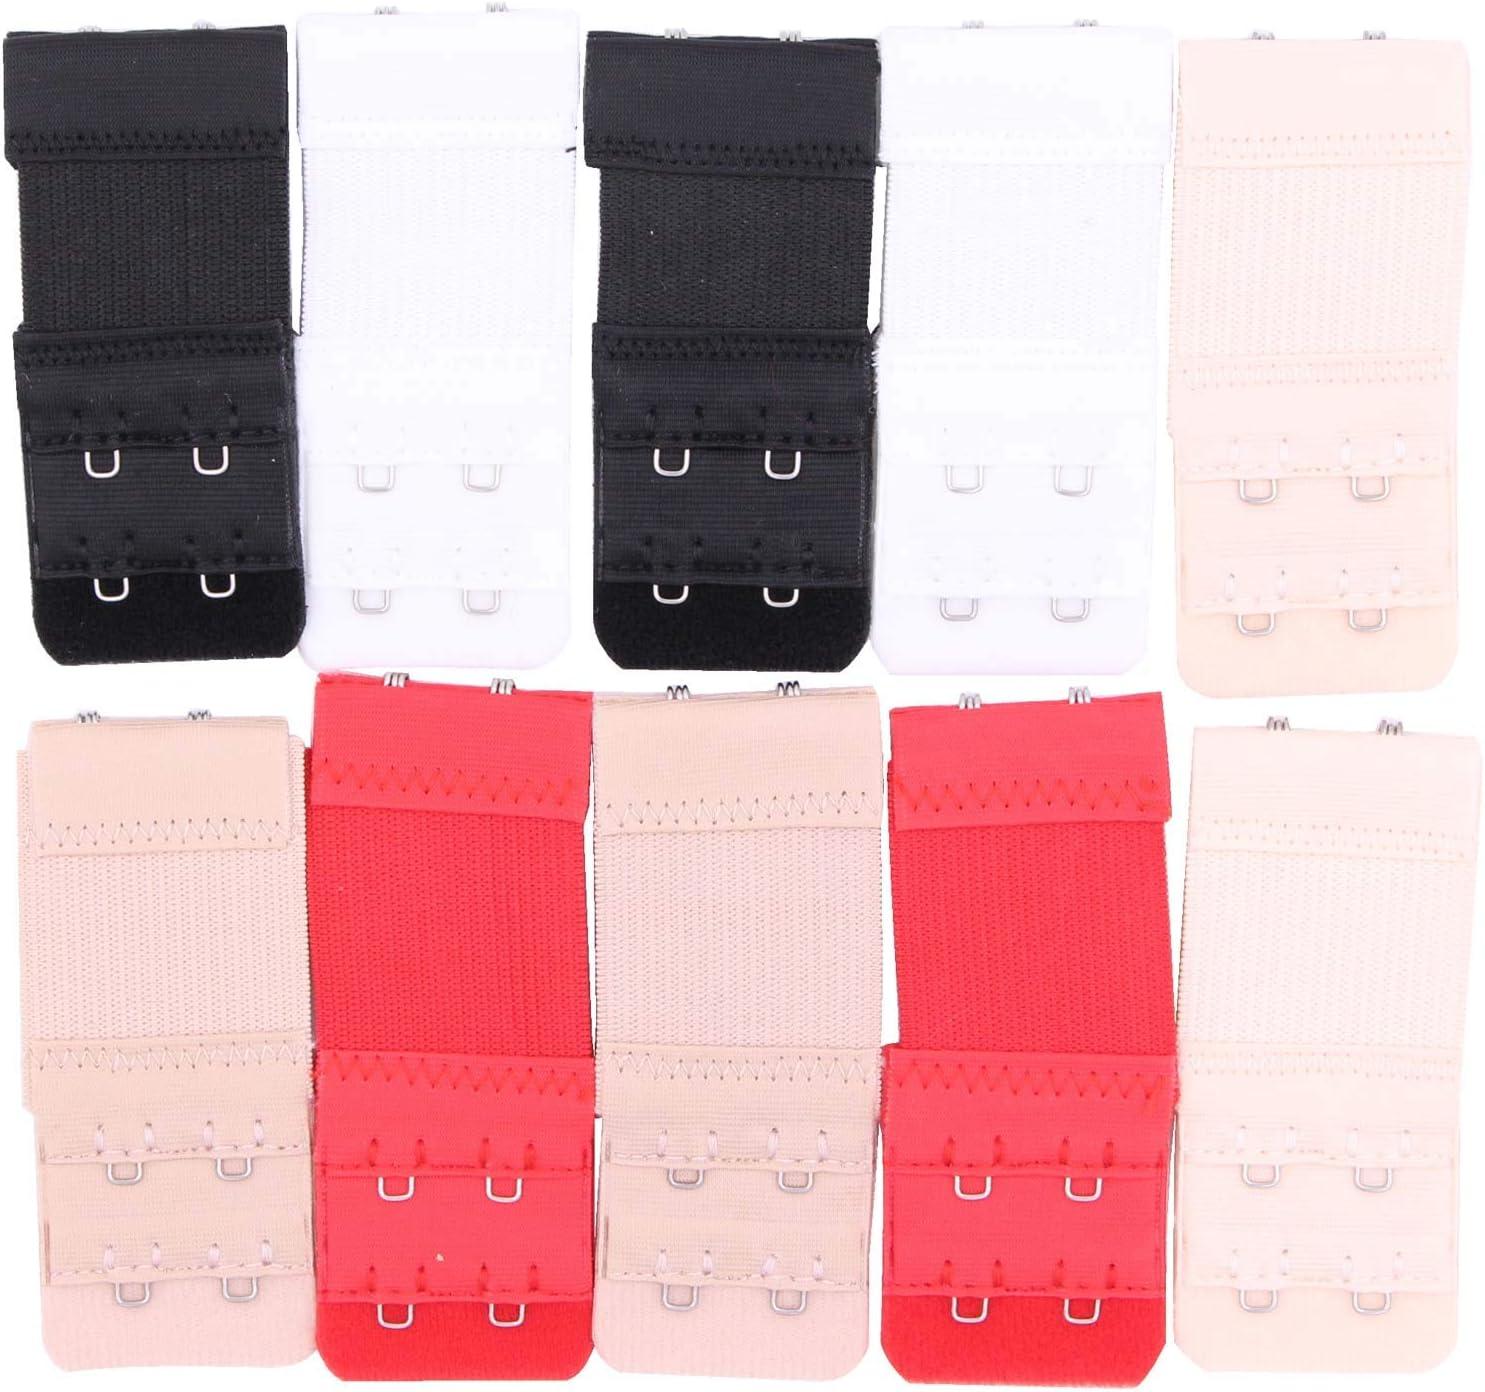 Rojo Marr/ón Oscuro Rosa Piel Oscuro Bye Bra Extensores de Sujetador ultra-suaves 3 ganchos extremos flexibles comodos adjustables Colores Diferentes: Piel Claro Blanco Negro Marr/ón Claro